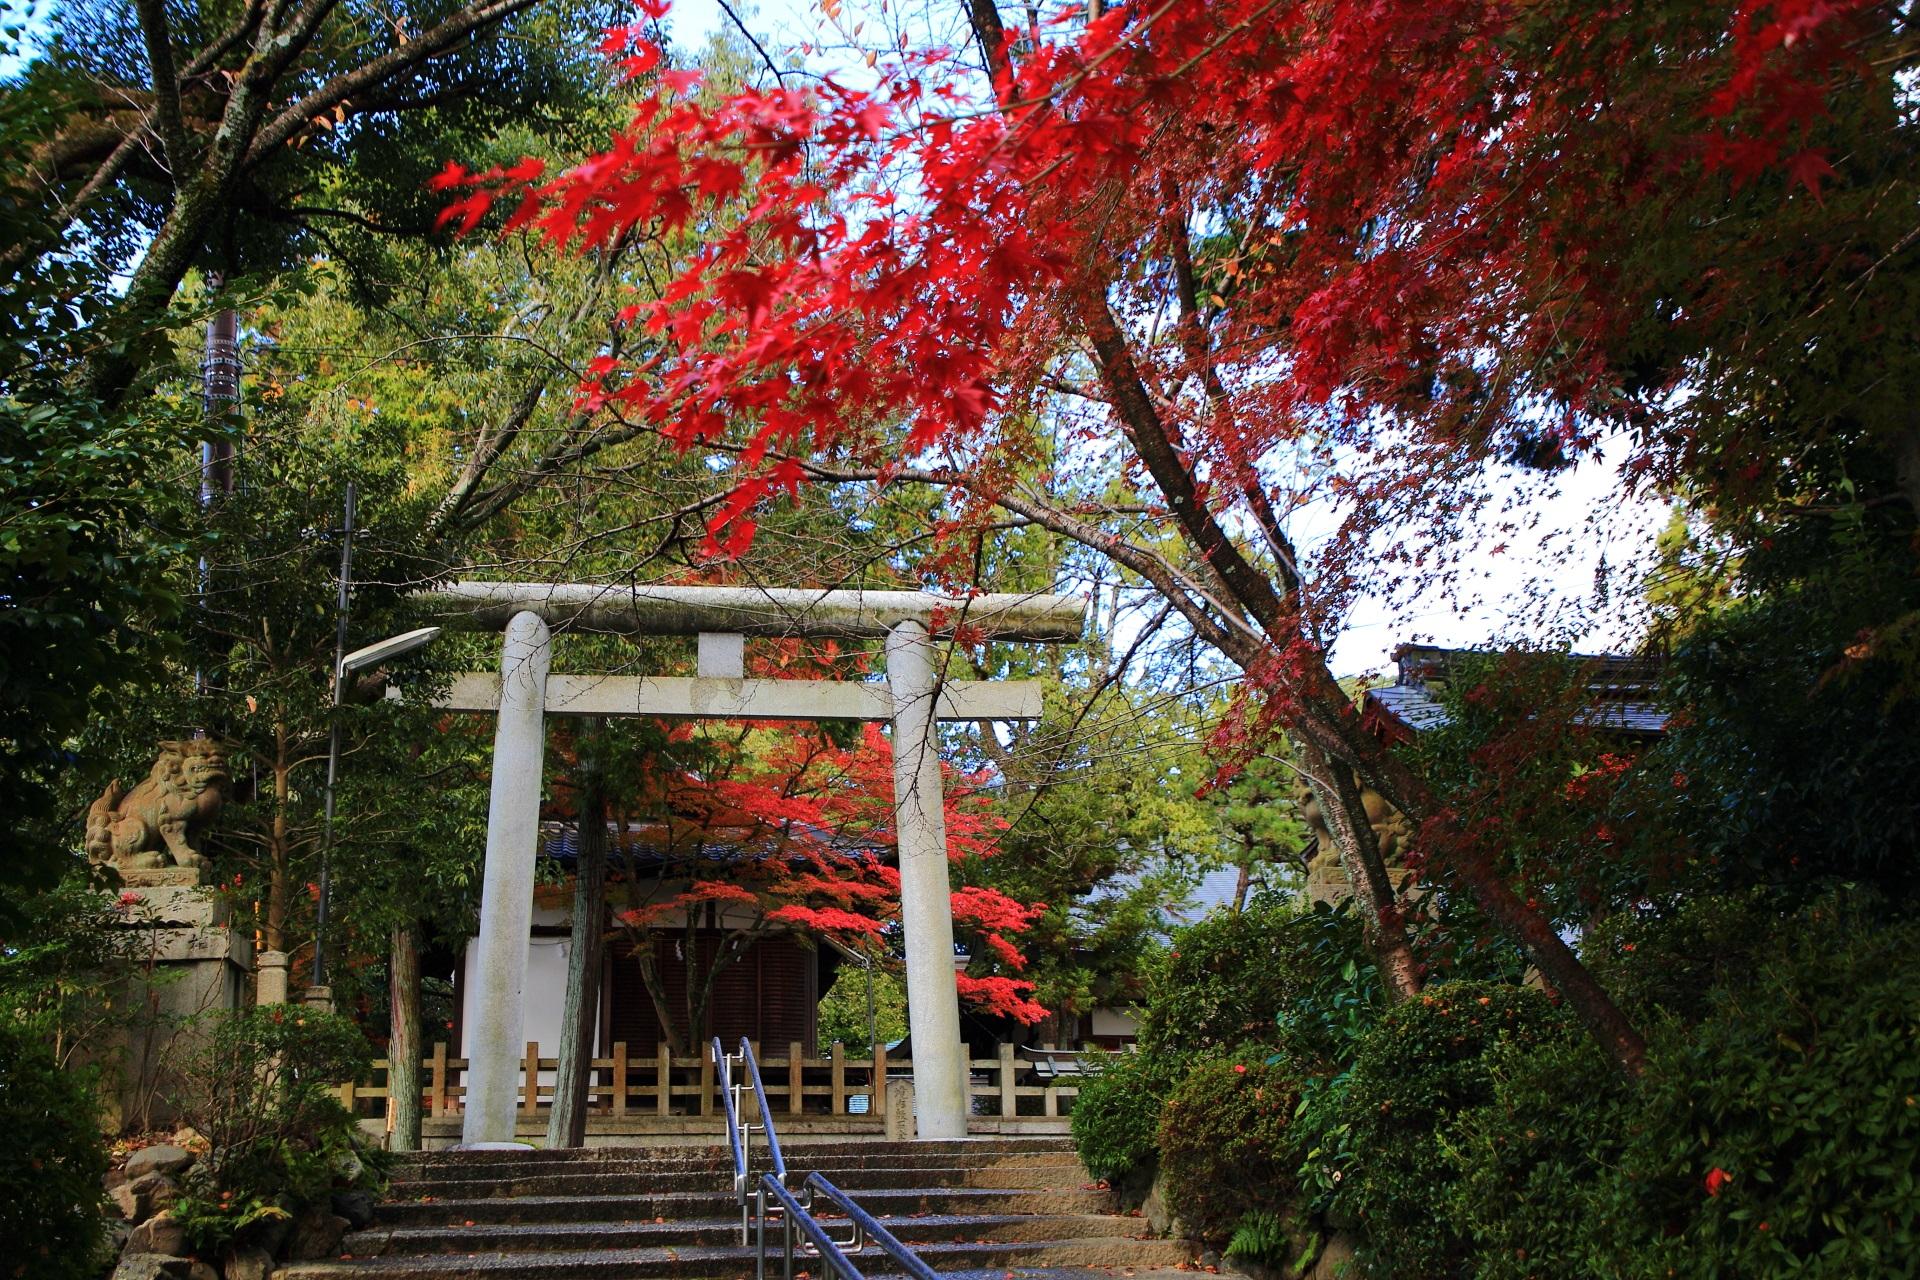 人がまばらな静かな境内を彩る紅葉